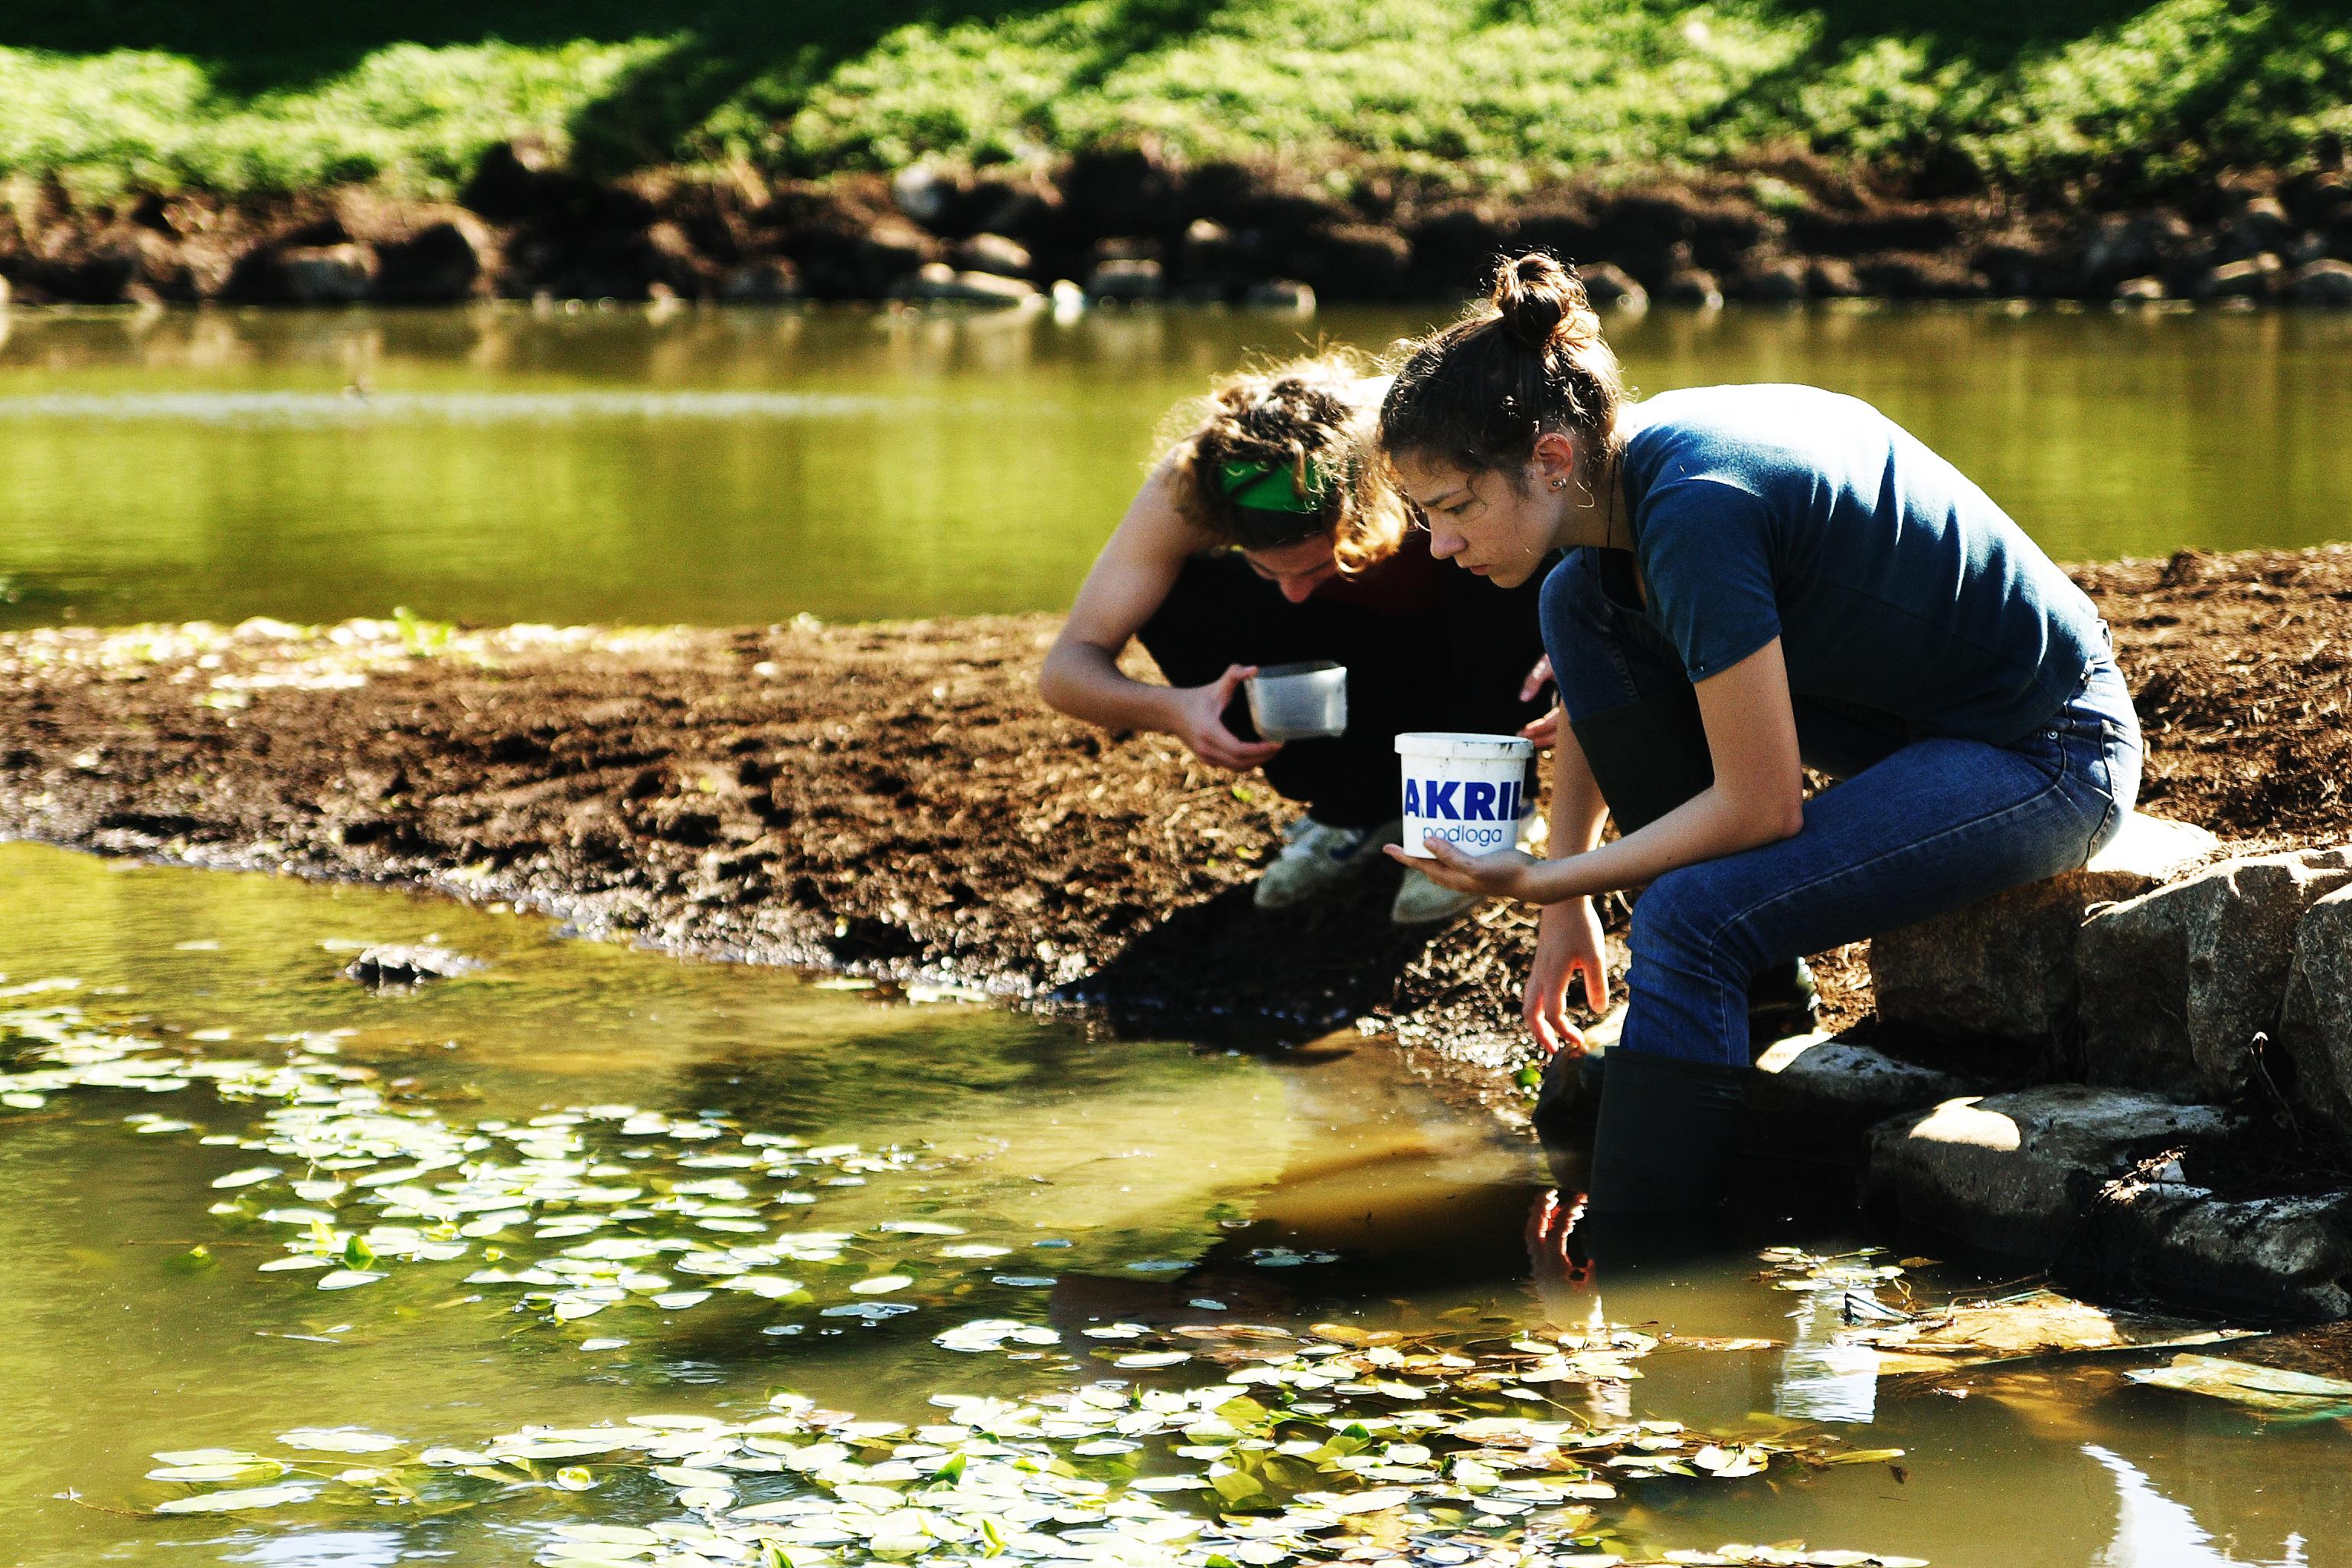 Volunteer for nature, volunteer for yourself – school volunteer programs in protected areas of nature